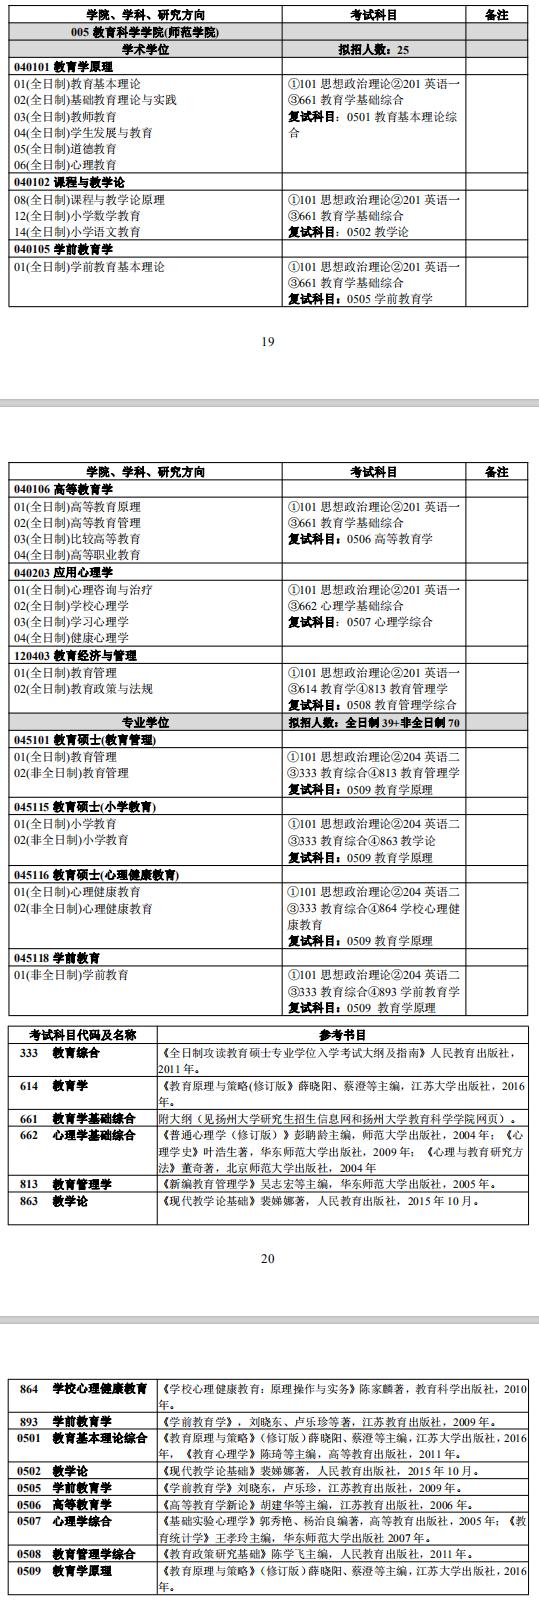 扬州大学教育科学学院2019考研专业目录